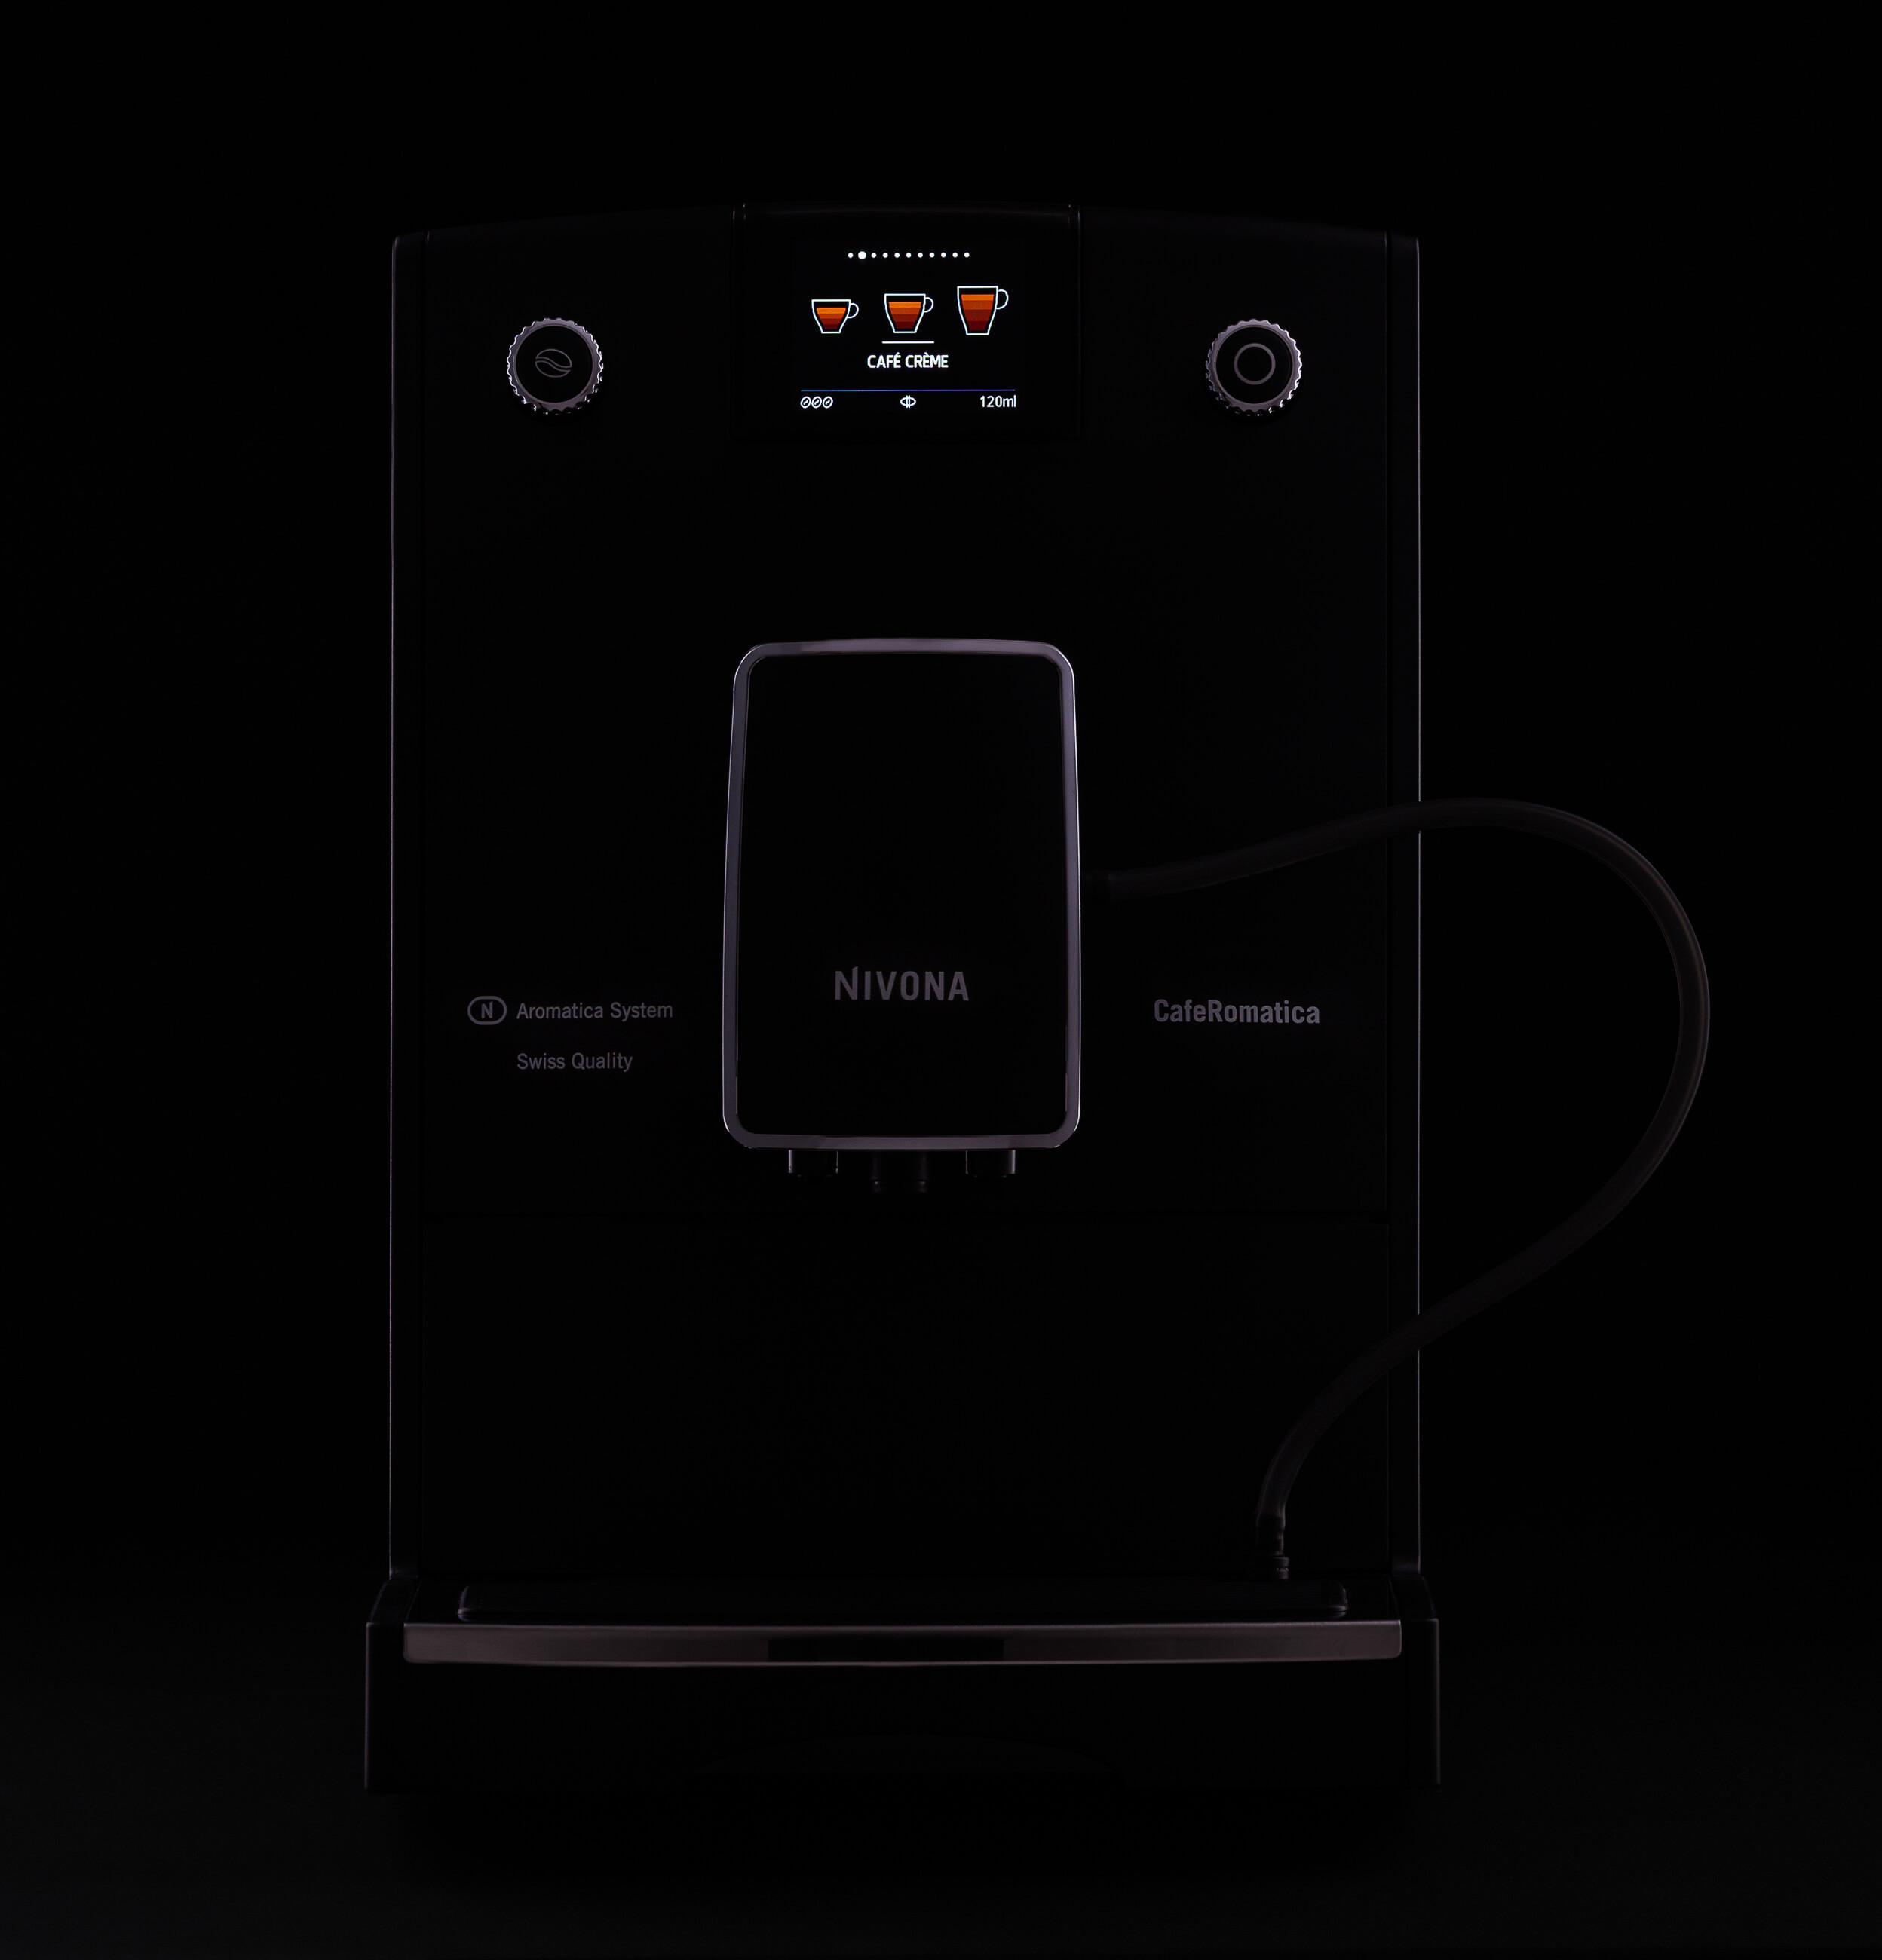 Zdjęcie produktowe ekspressu ciśnieniowego do kawy NIVONA